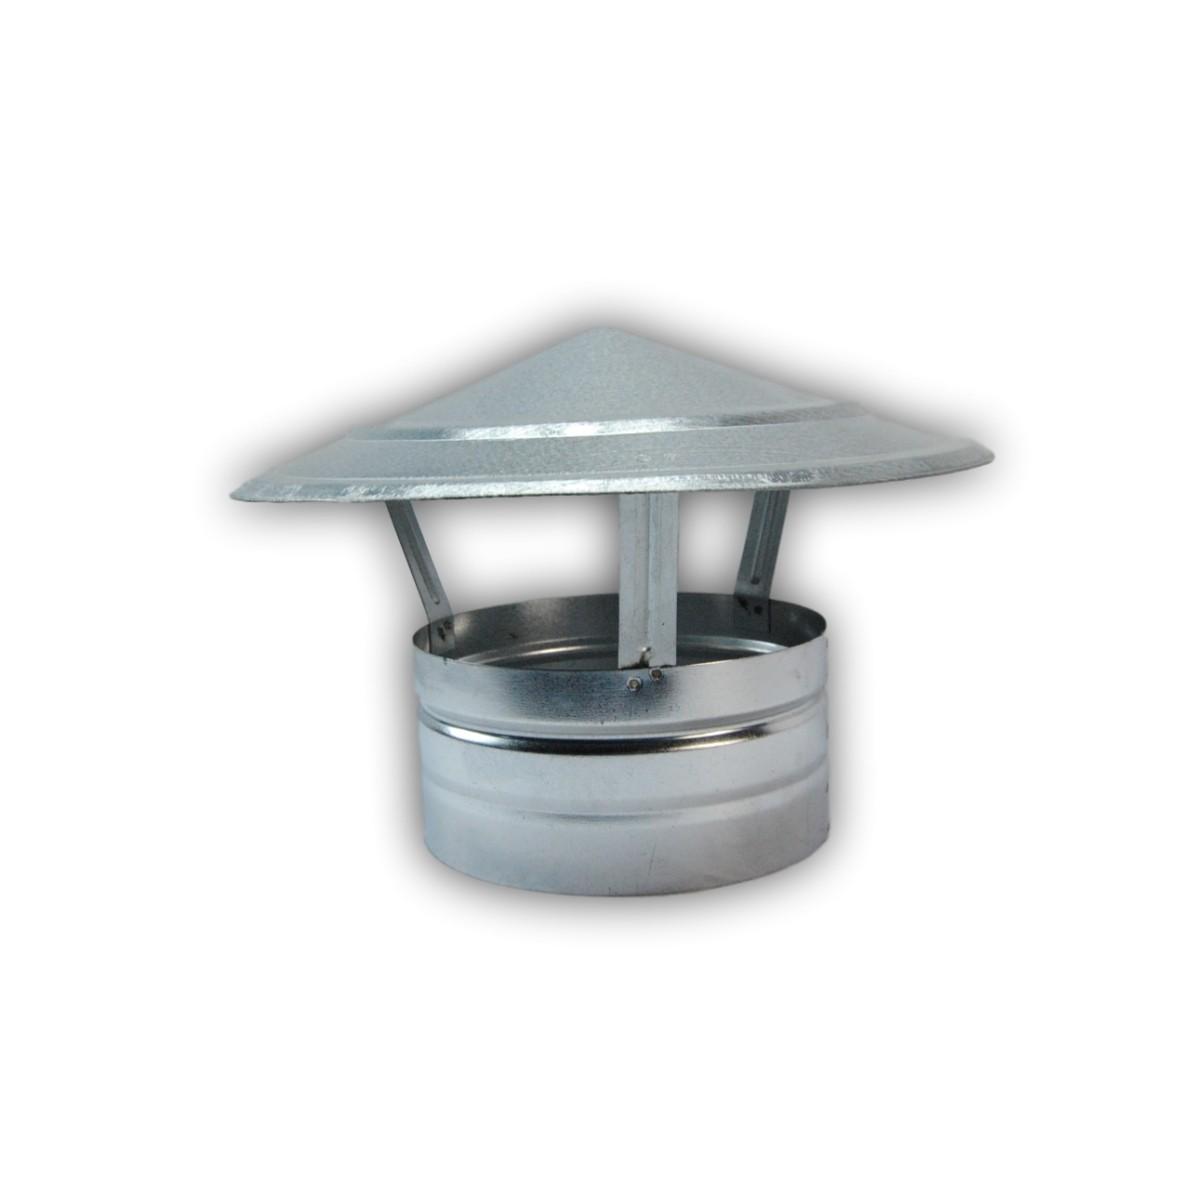 Sombrero chino con base cuadrada de acero inoxidable para chimenea